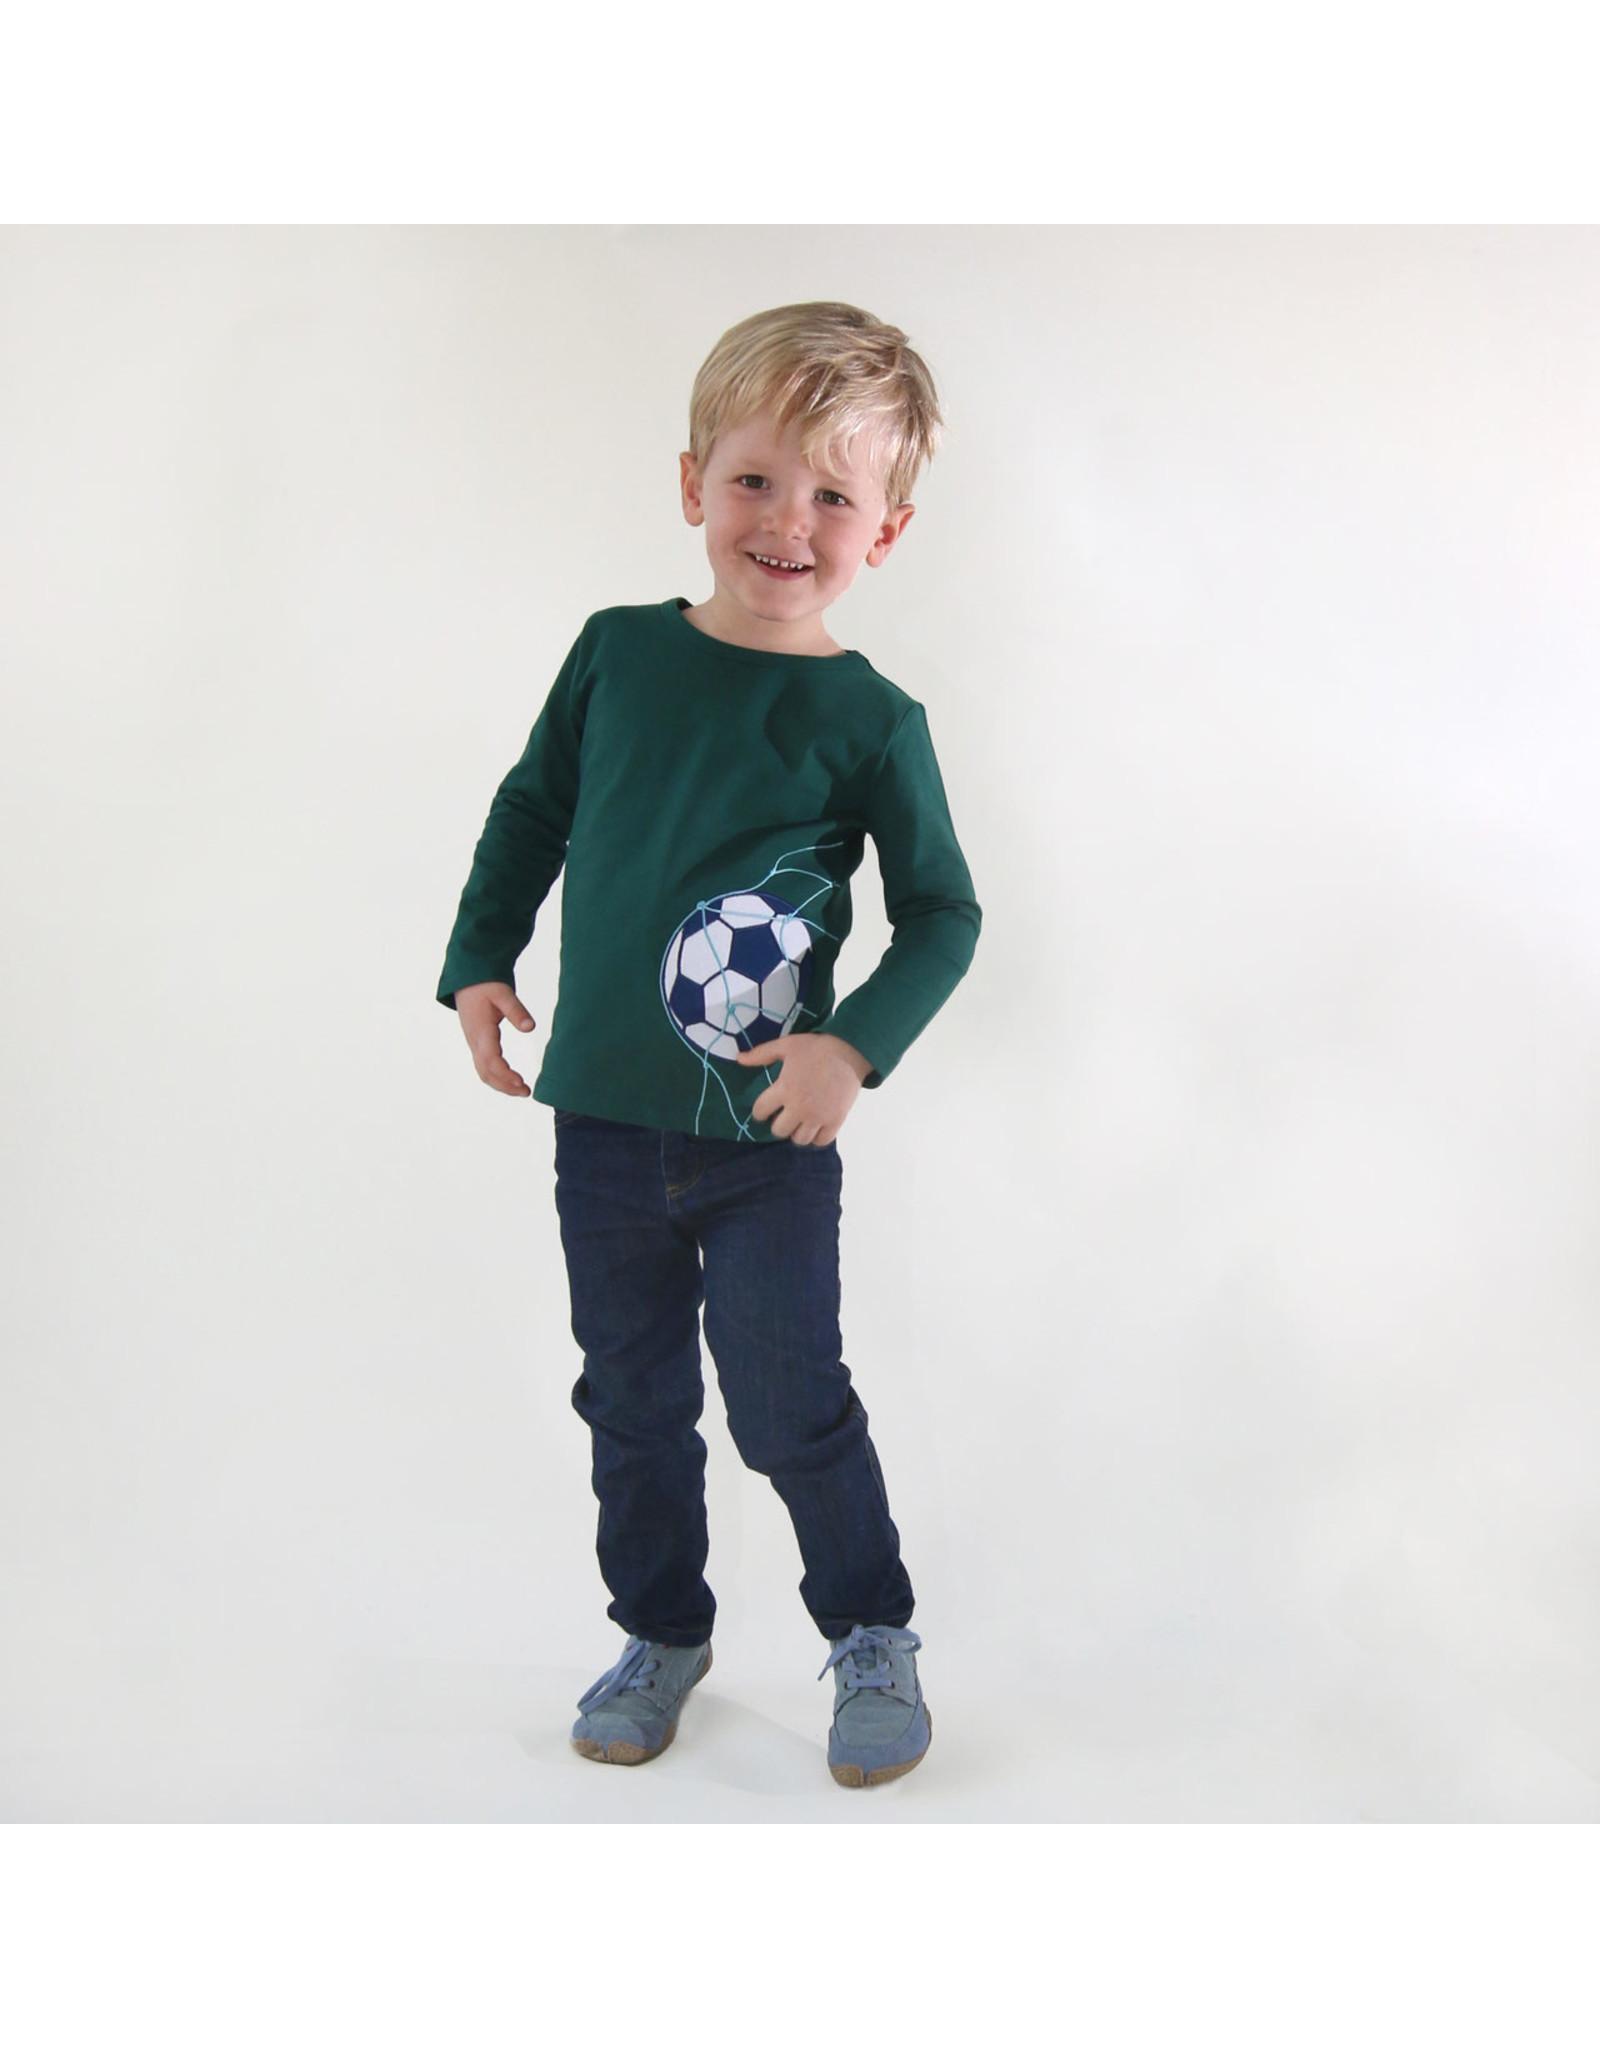 Enfant Terrible Children's shirt - soccer shirt